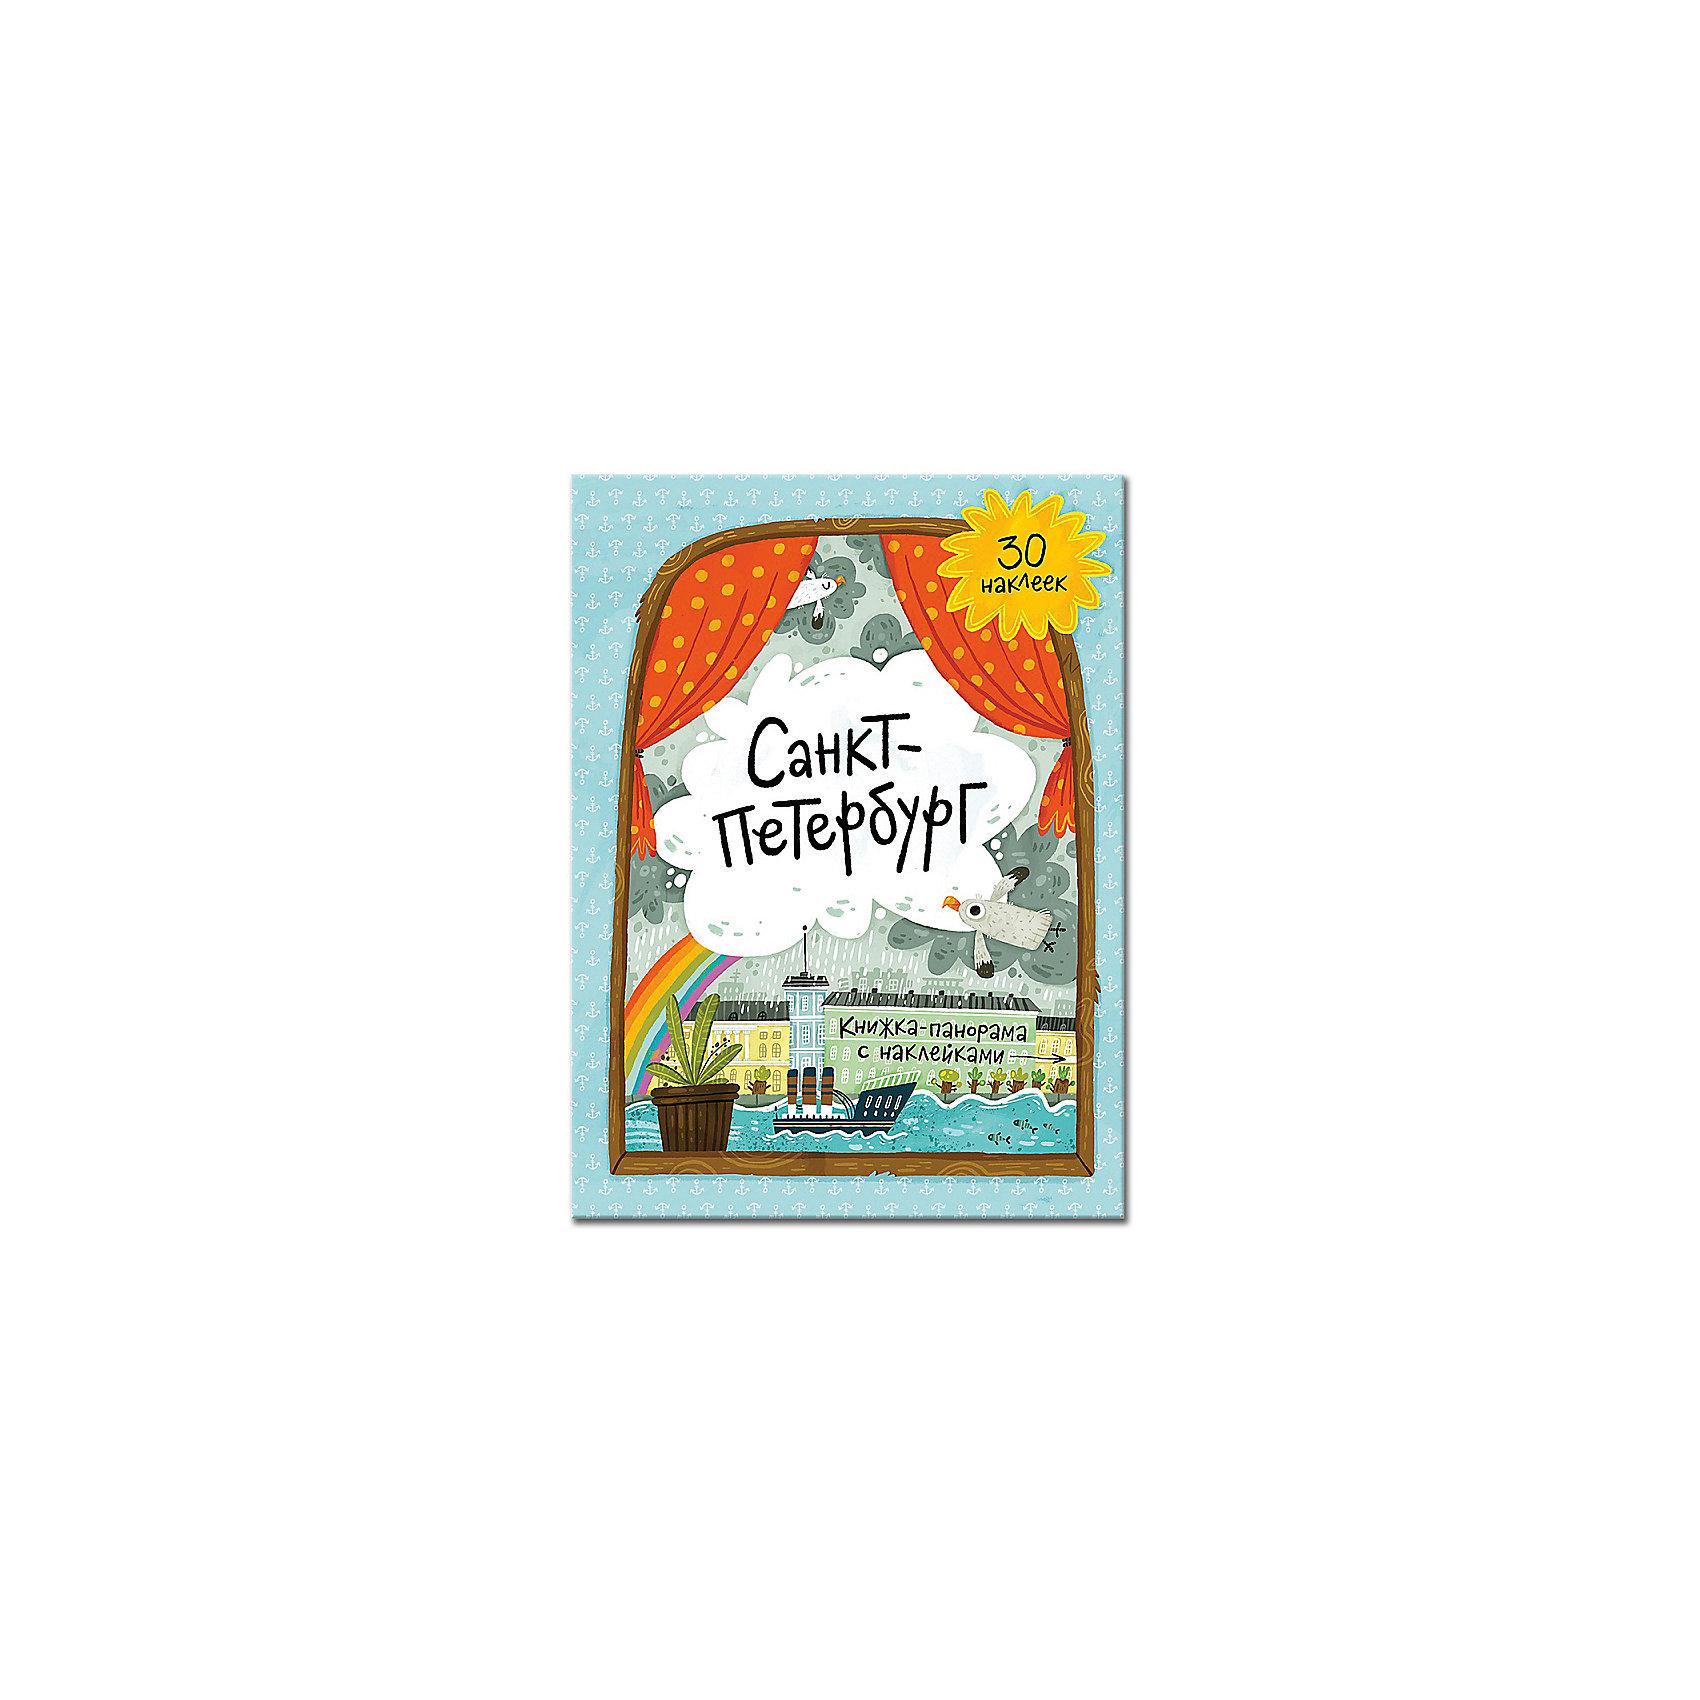 Книжка-панорамка с наклейками Санкт-ПетербургС новой развивающей книжкой-панорамой детки смогут самостоятельно построить маршрут прогулки по самому красивому городу нашей страны — Санкт-Петербургу и увидеть популярные достопримечательности, любоваться которыми приезжают люди со всех концов Земного шара!  <br>Под каждой иллюстрацией найдётся описание и интересный факт, а закрепить полученные знания помогут яркие наклейки!<br><br>Ширина мм: 290<br>Глубина мм: 220<br>Высота мм: 3<br>Вес г: 300<br>Возраст от месяцев: 72<br>Возраст до месяцев: 108<br>Пол: Унисекс<br>Возраст: Детский<br>SKU: 5423031